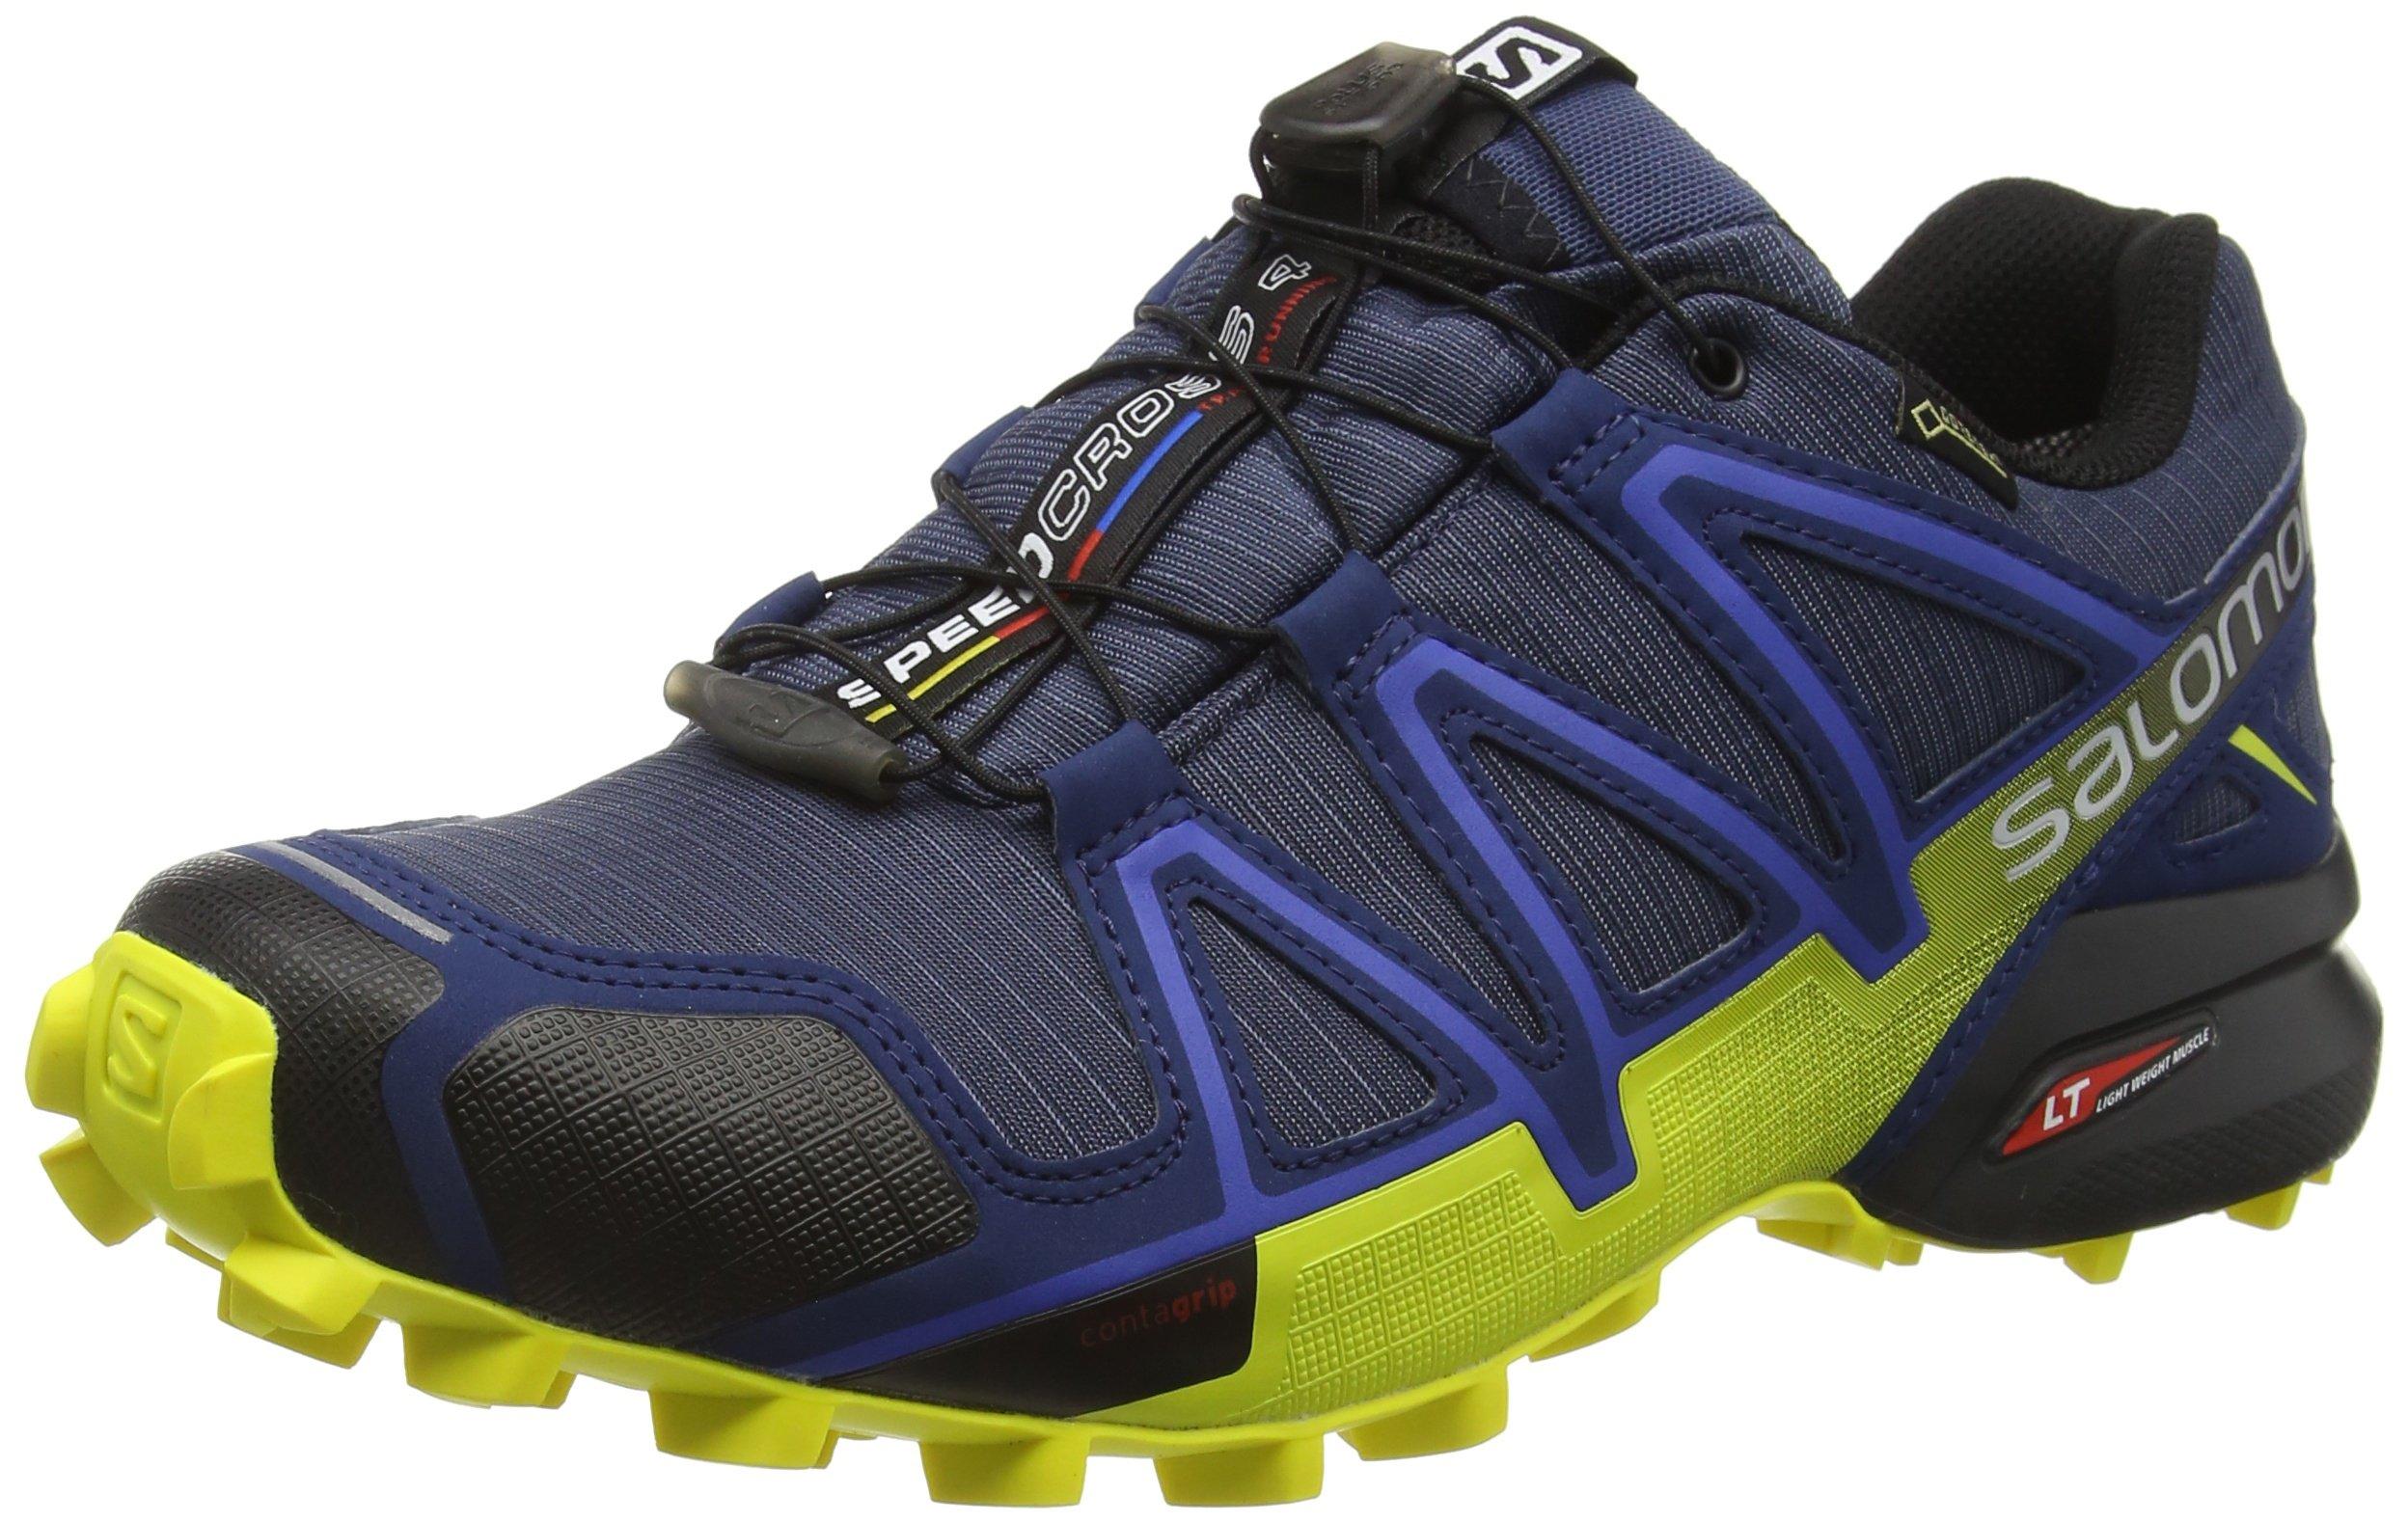 53588f9a5a98 Salomon Men s SPEEDCROSS 4 GTX Trail Running Shoe